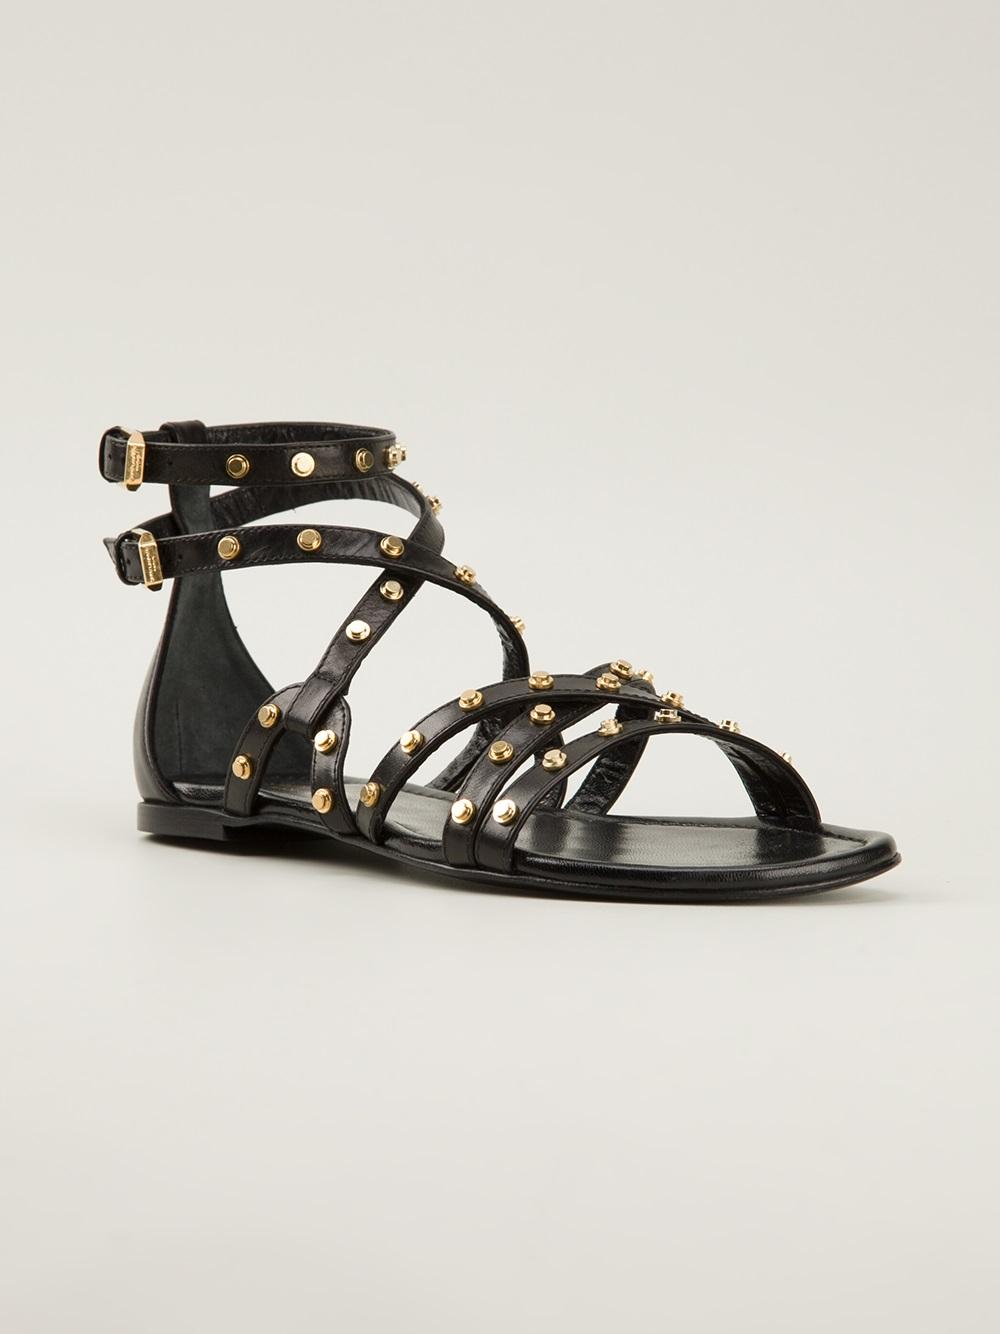 Saint Laurent Studded Flat Sandals in